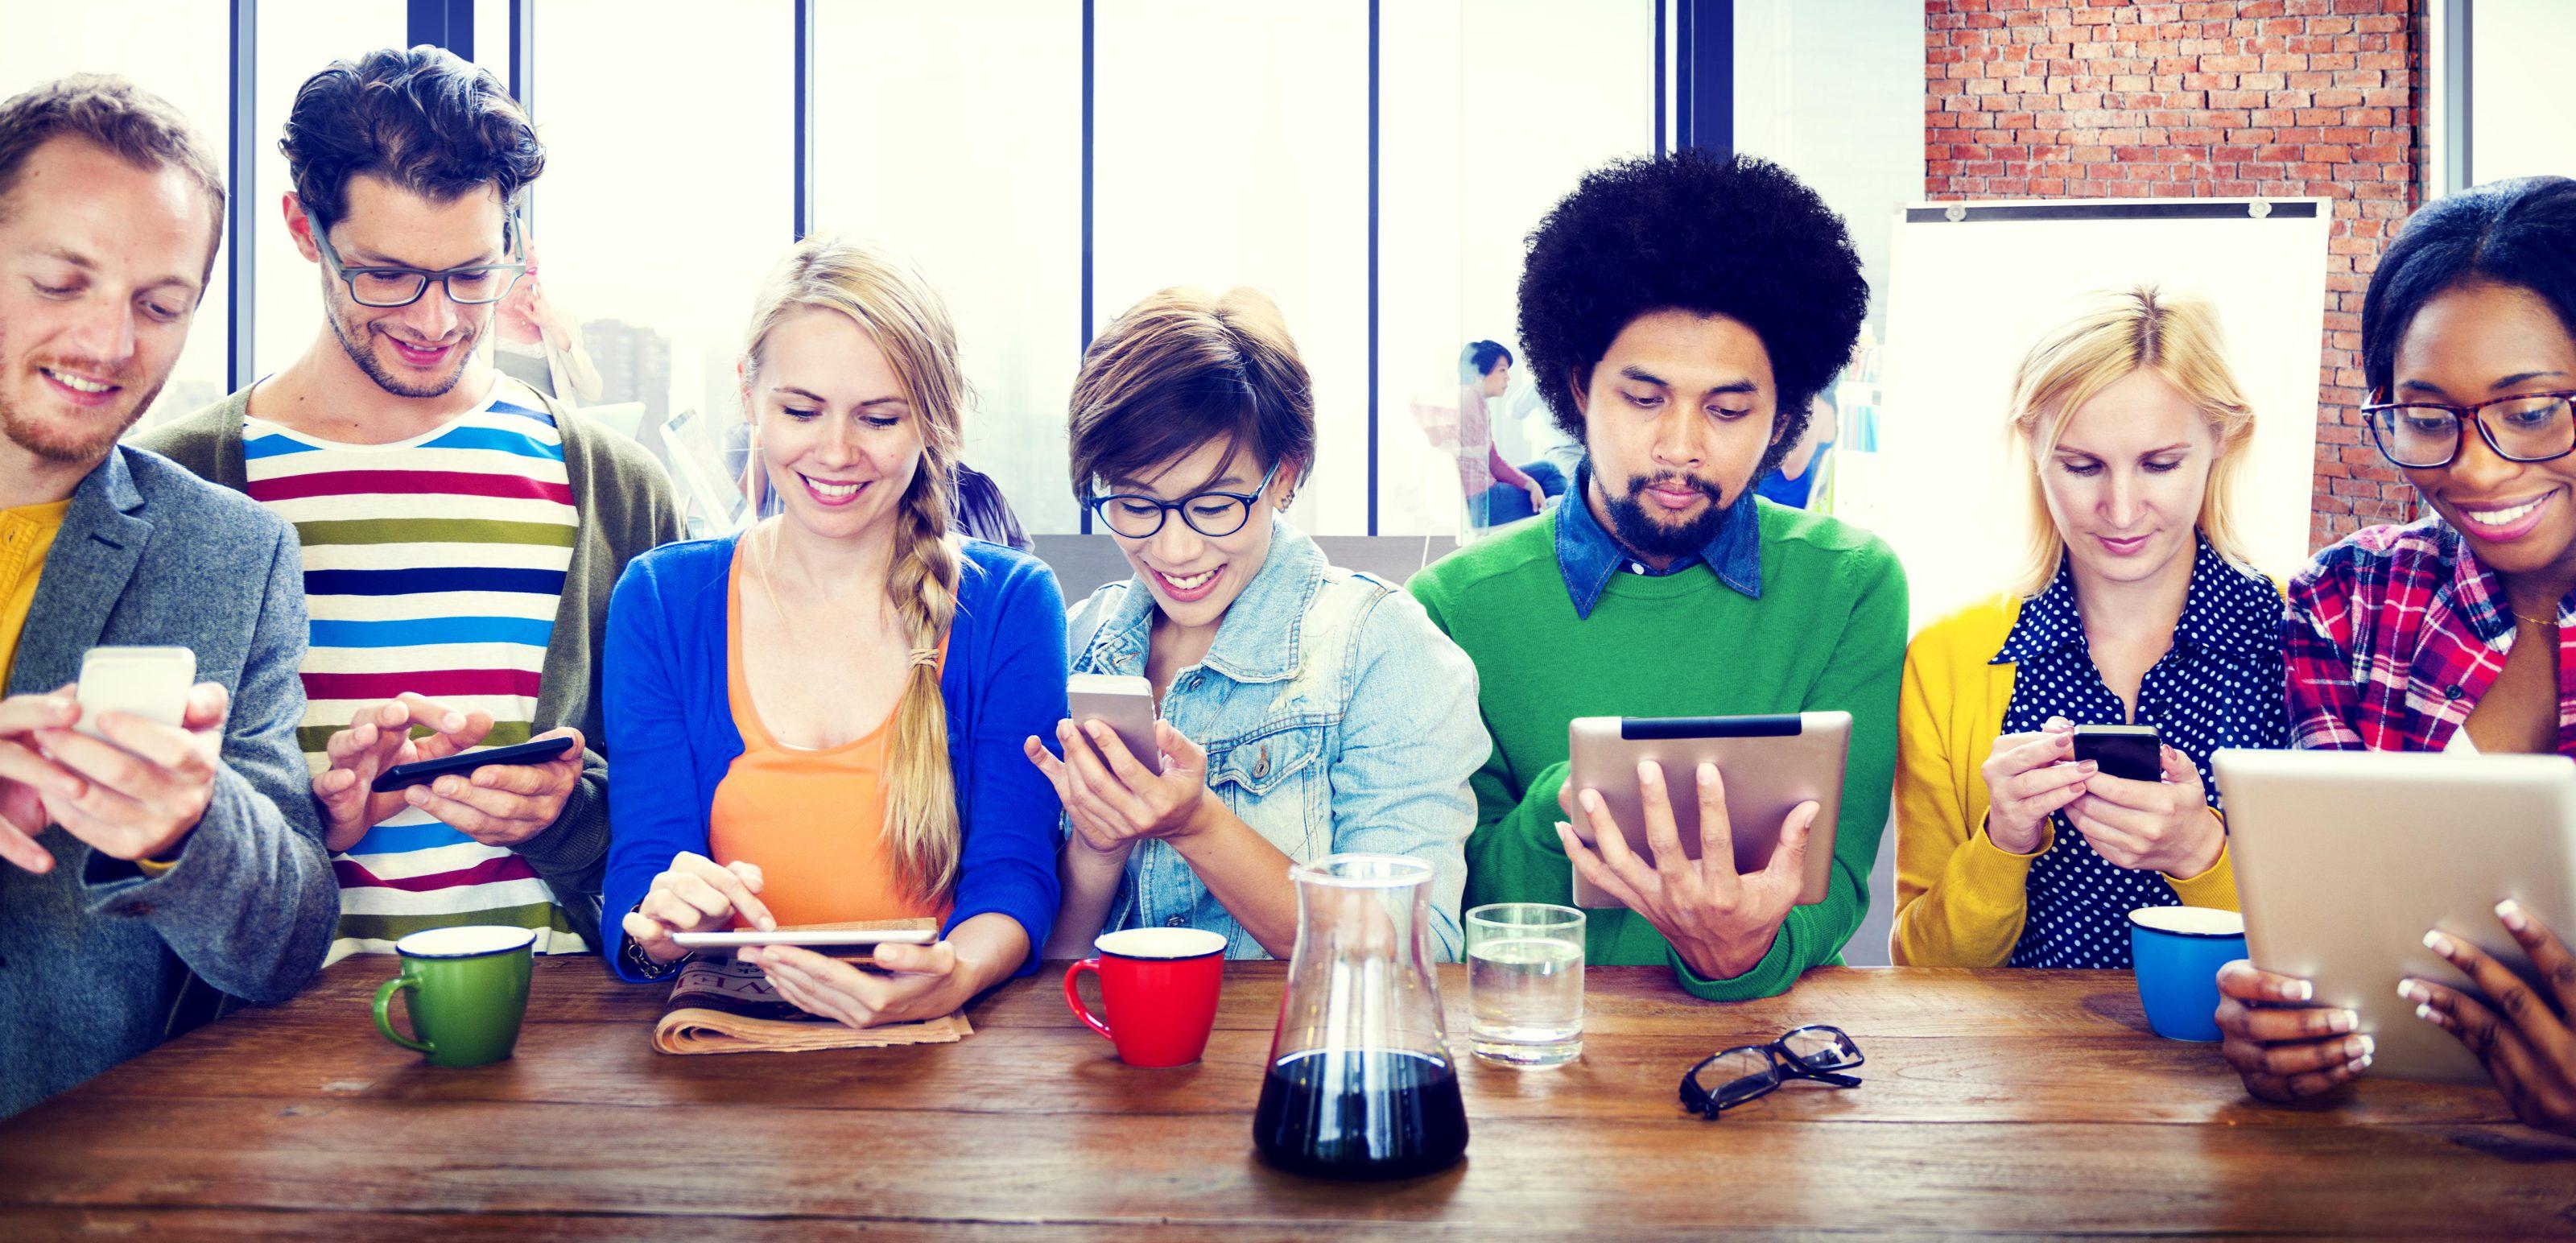 das-sind-die-trends-in-der-kommunikation-2016